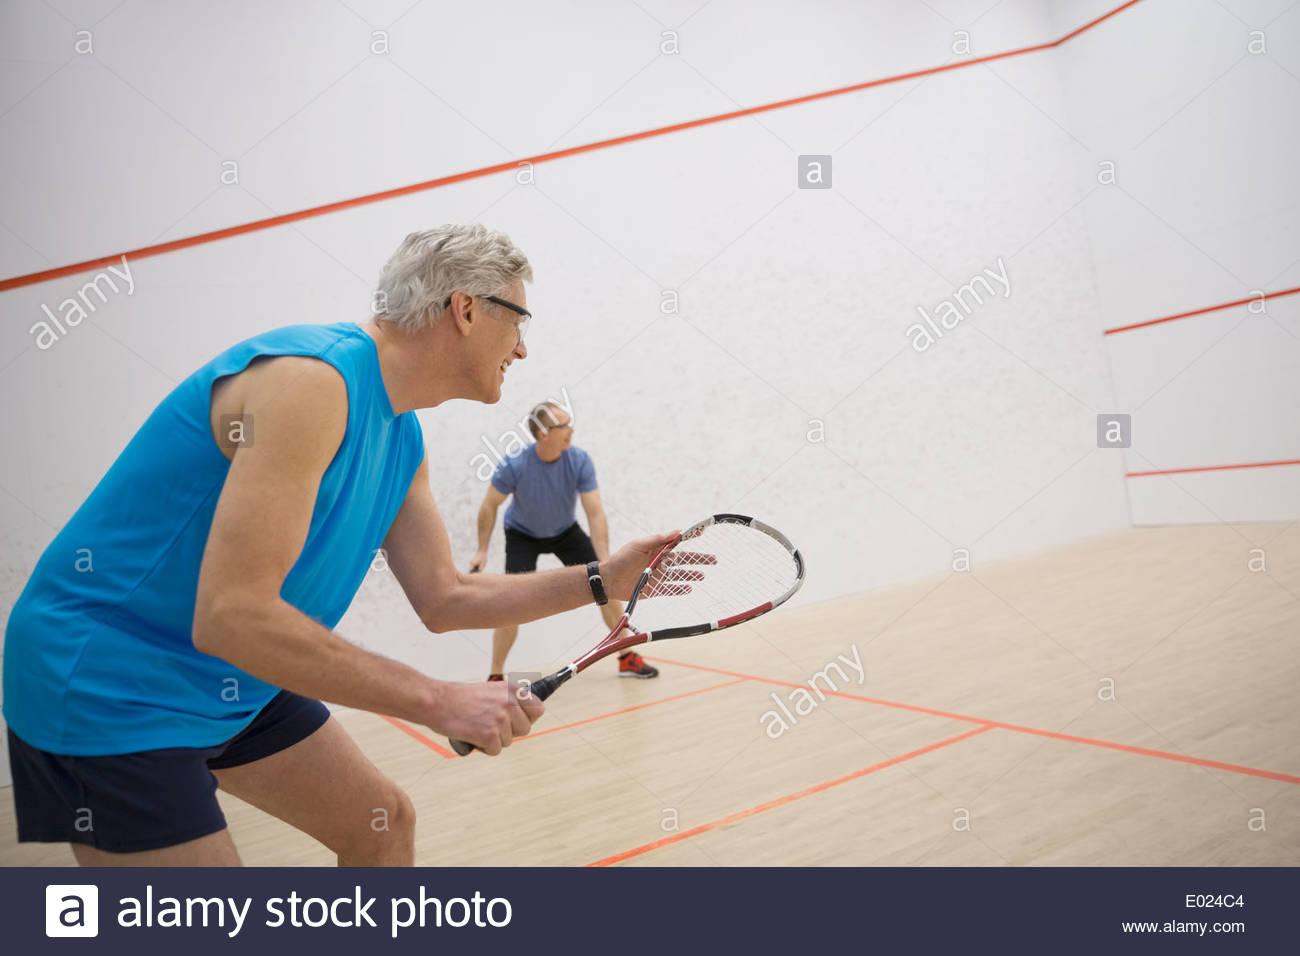 Hombres jugando en la cancha de squash Imagen De Stock